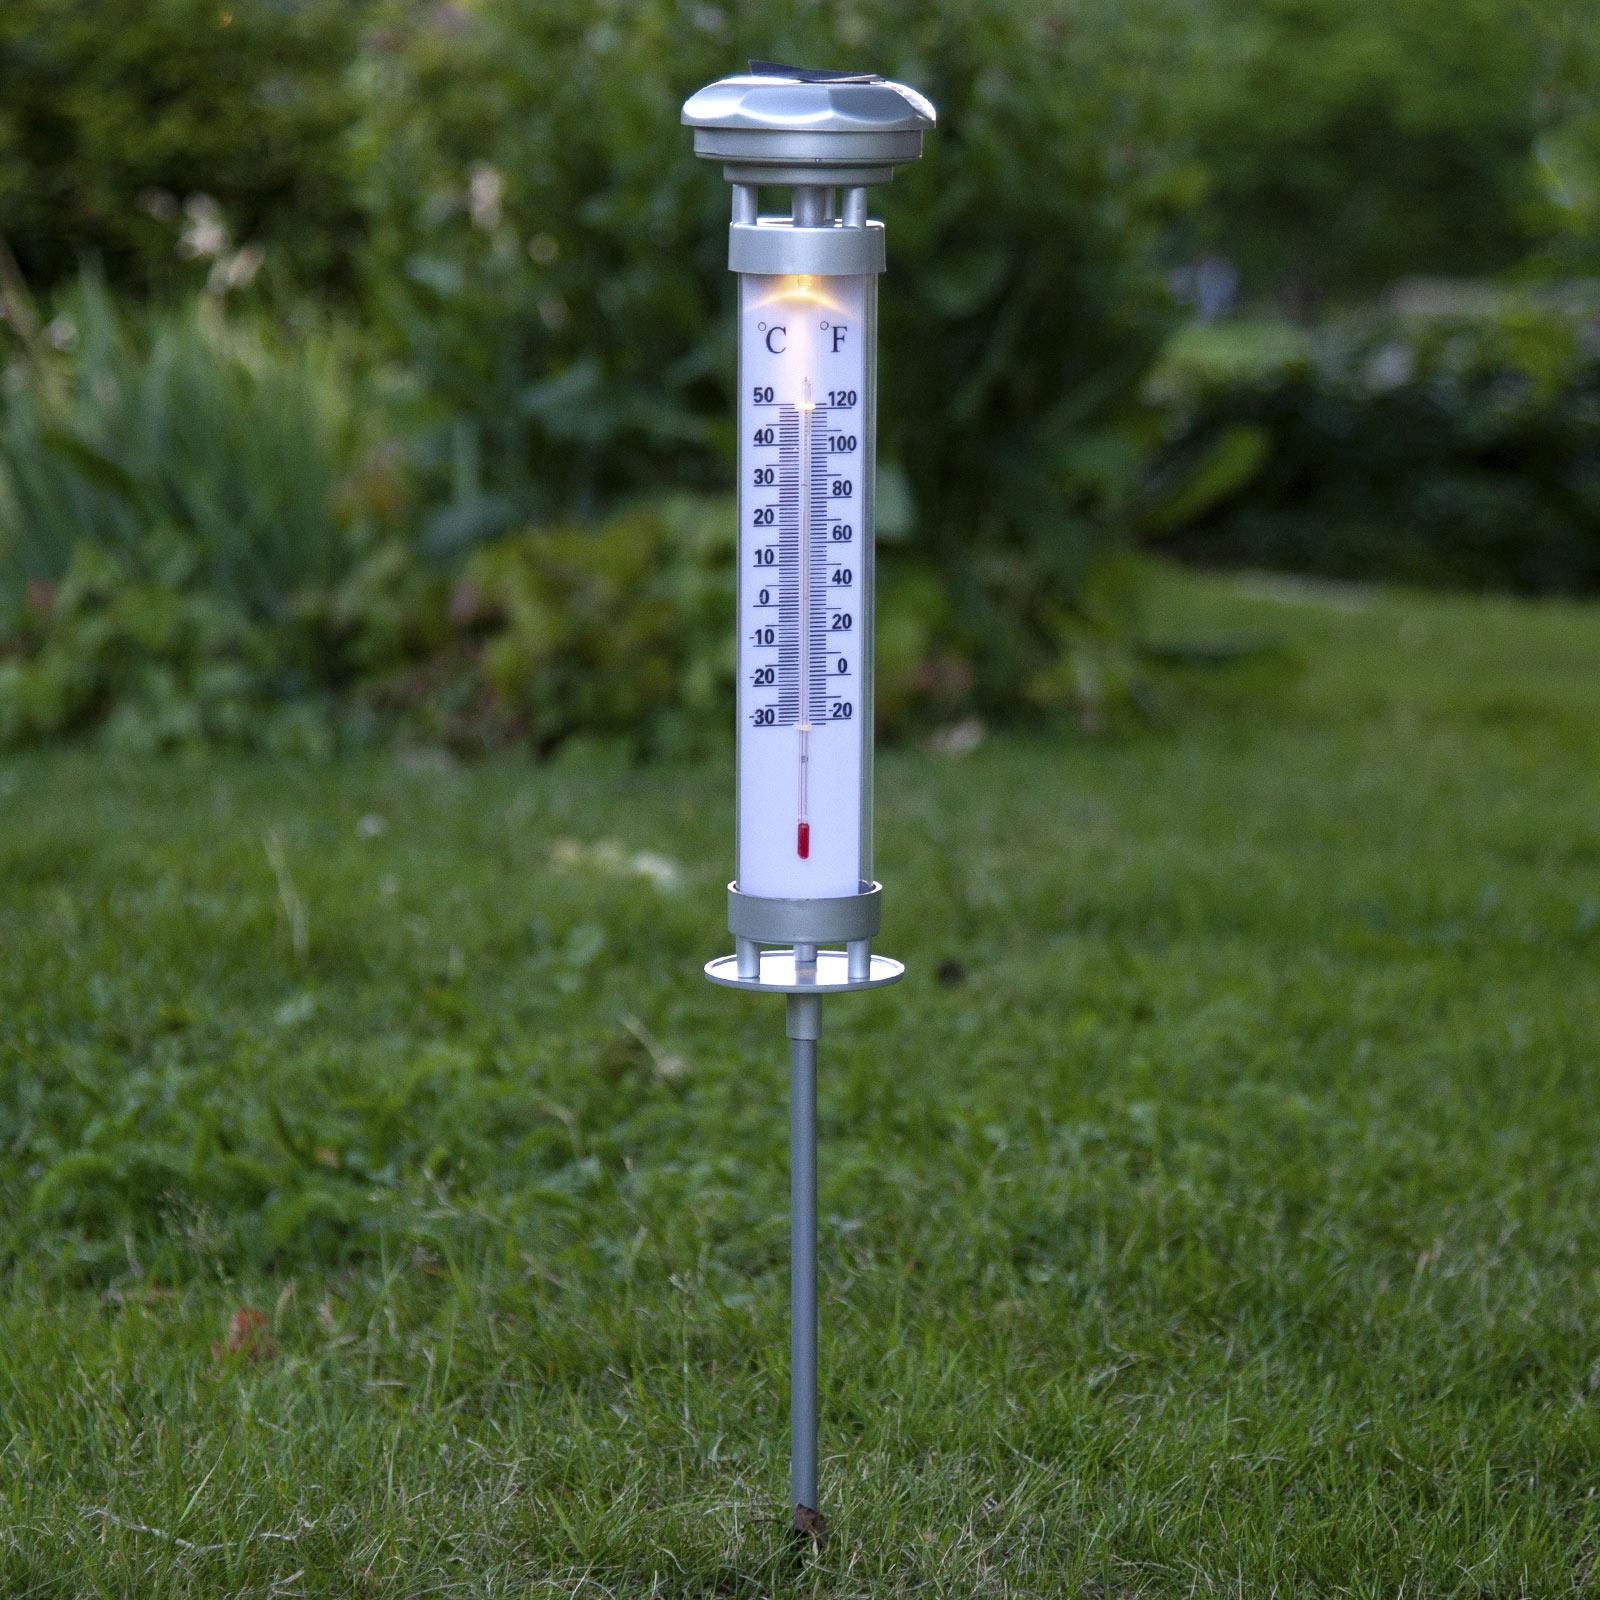 LED-solcellelampe Celsius, udendørstermometer